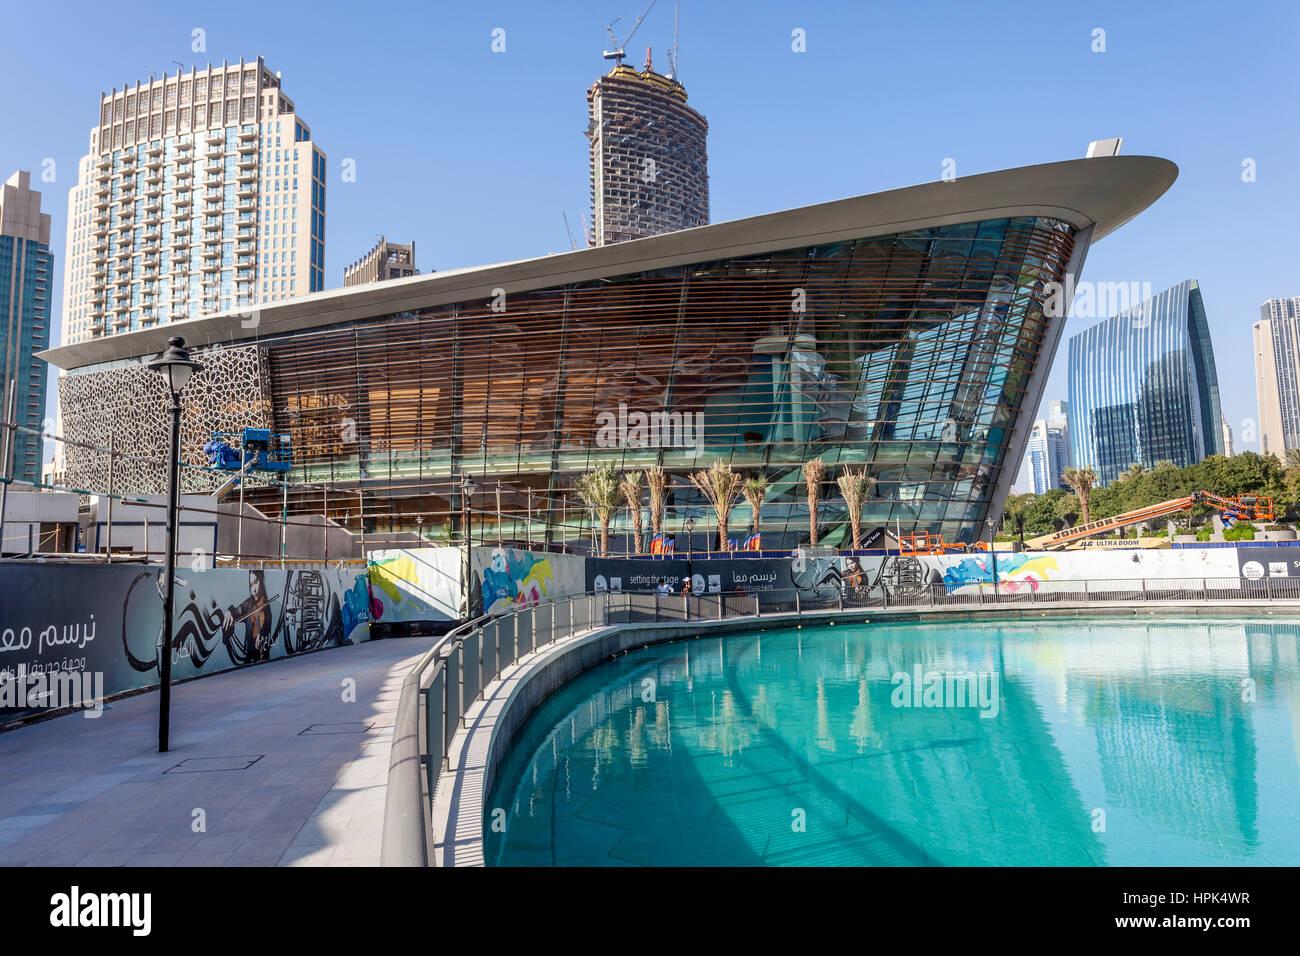 Dubaï émirats arabes unis nov 27 2016 le nouveau bâtiment de l